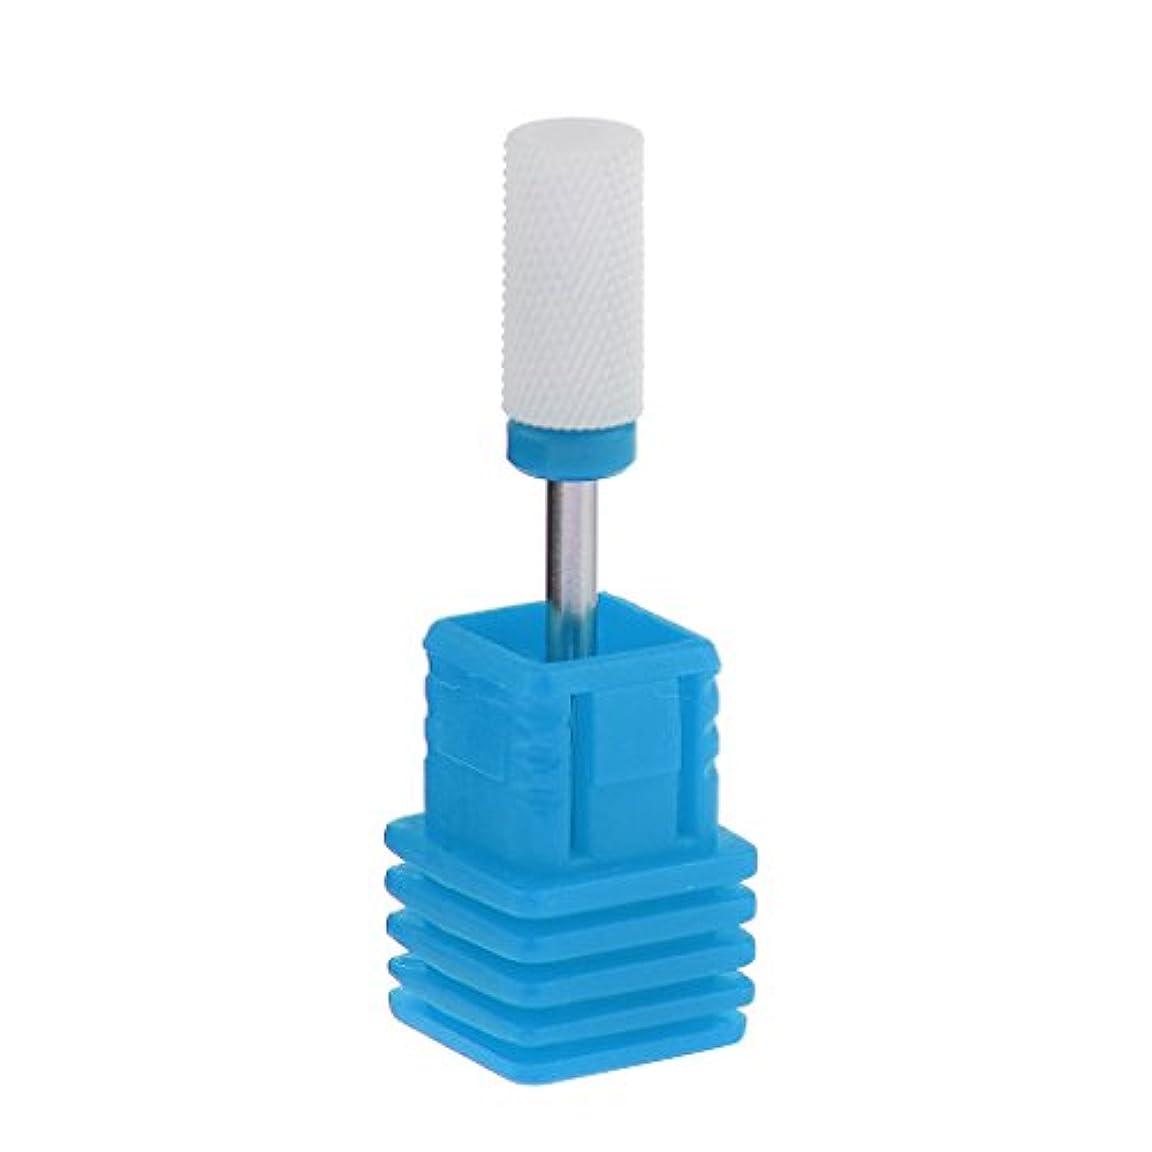 泥尊敬する止まるGRALARA ネイルアート ドリルビット セラミック 研磨ヘッド 電気 ドリル プロ ネイル 個人用 6色選べ - ブルー